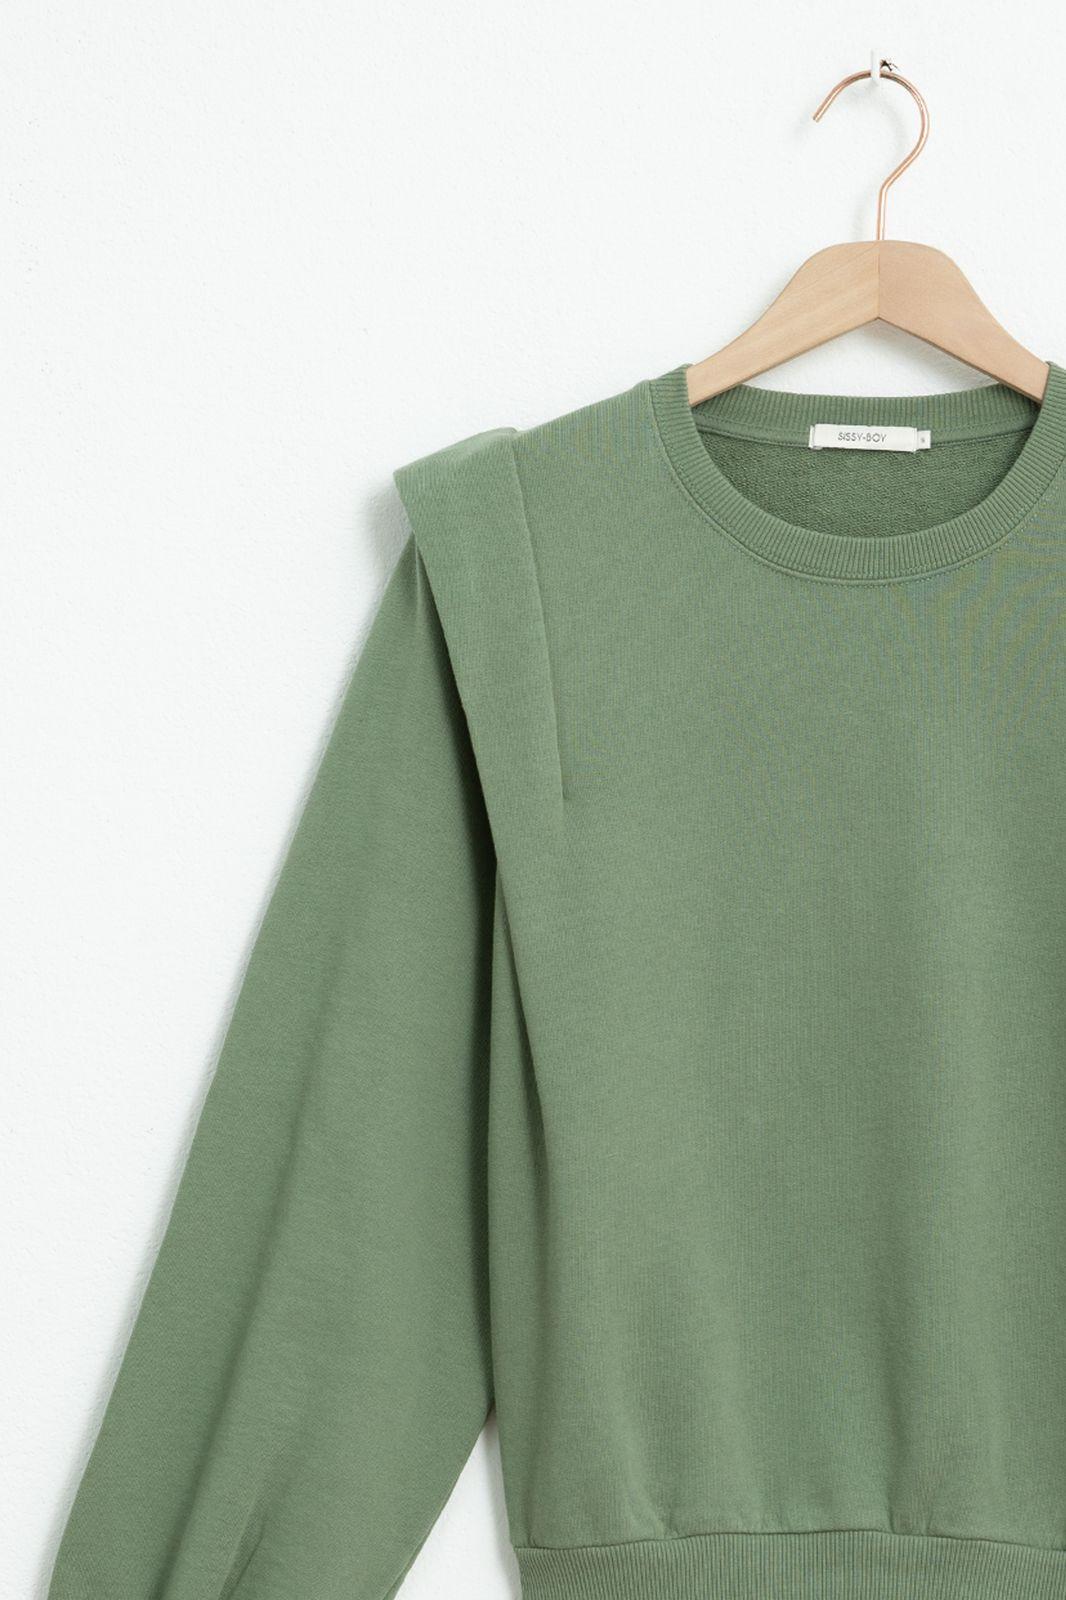 Groene sweater met schouder details